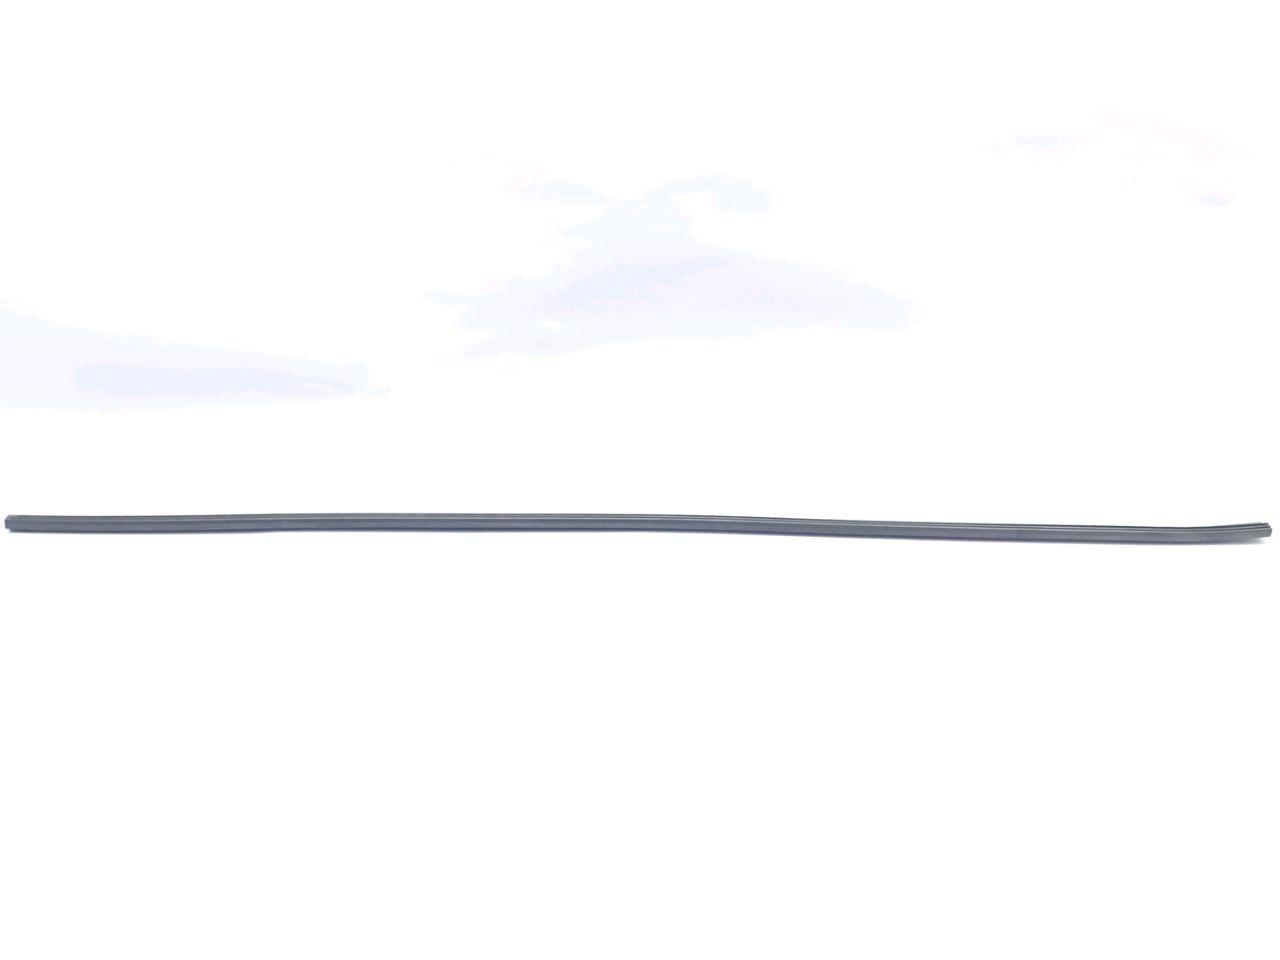 Lame cauciuc p/u stergatoare de parbriz 76cm ALCA